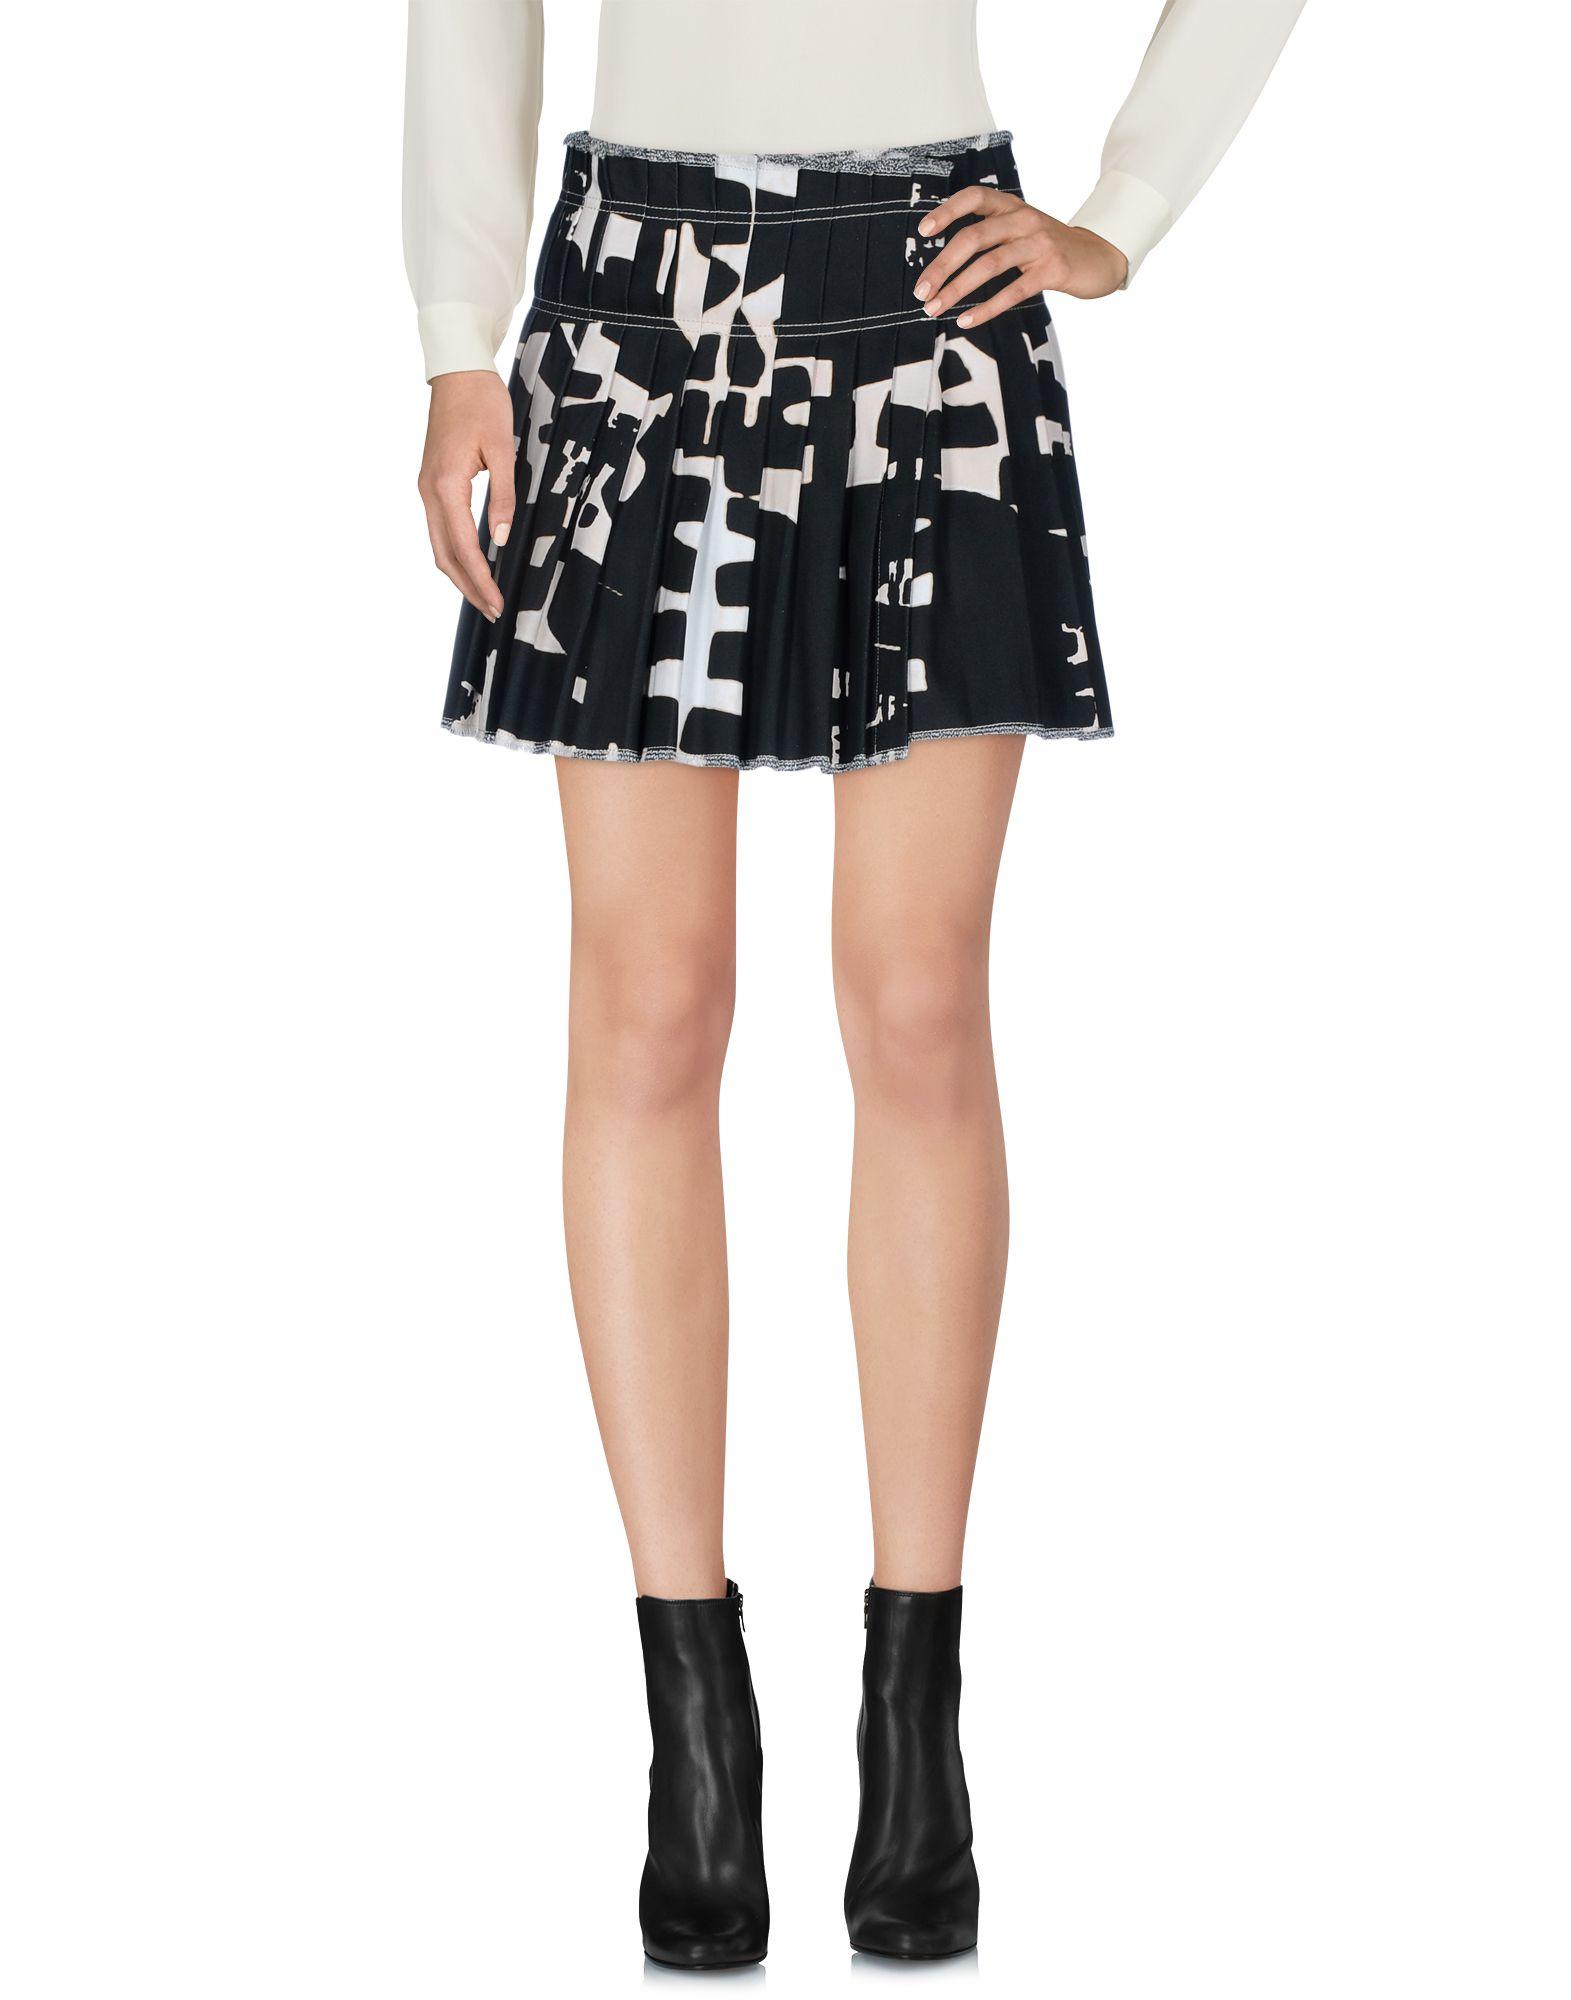 Фото - ISABEL MARANT Мини-юбка 12storeez юбка миди со складками спереди